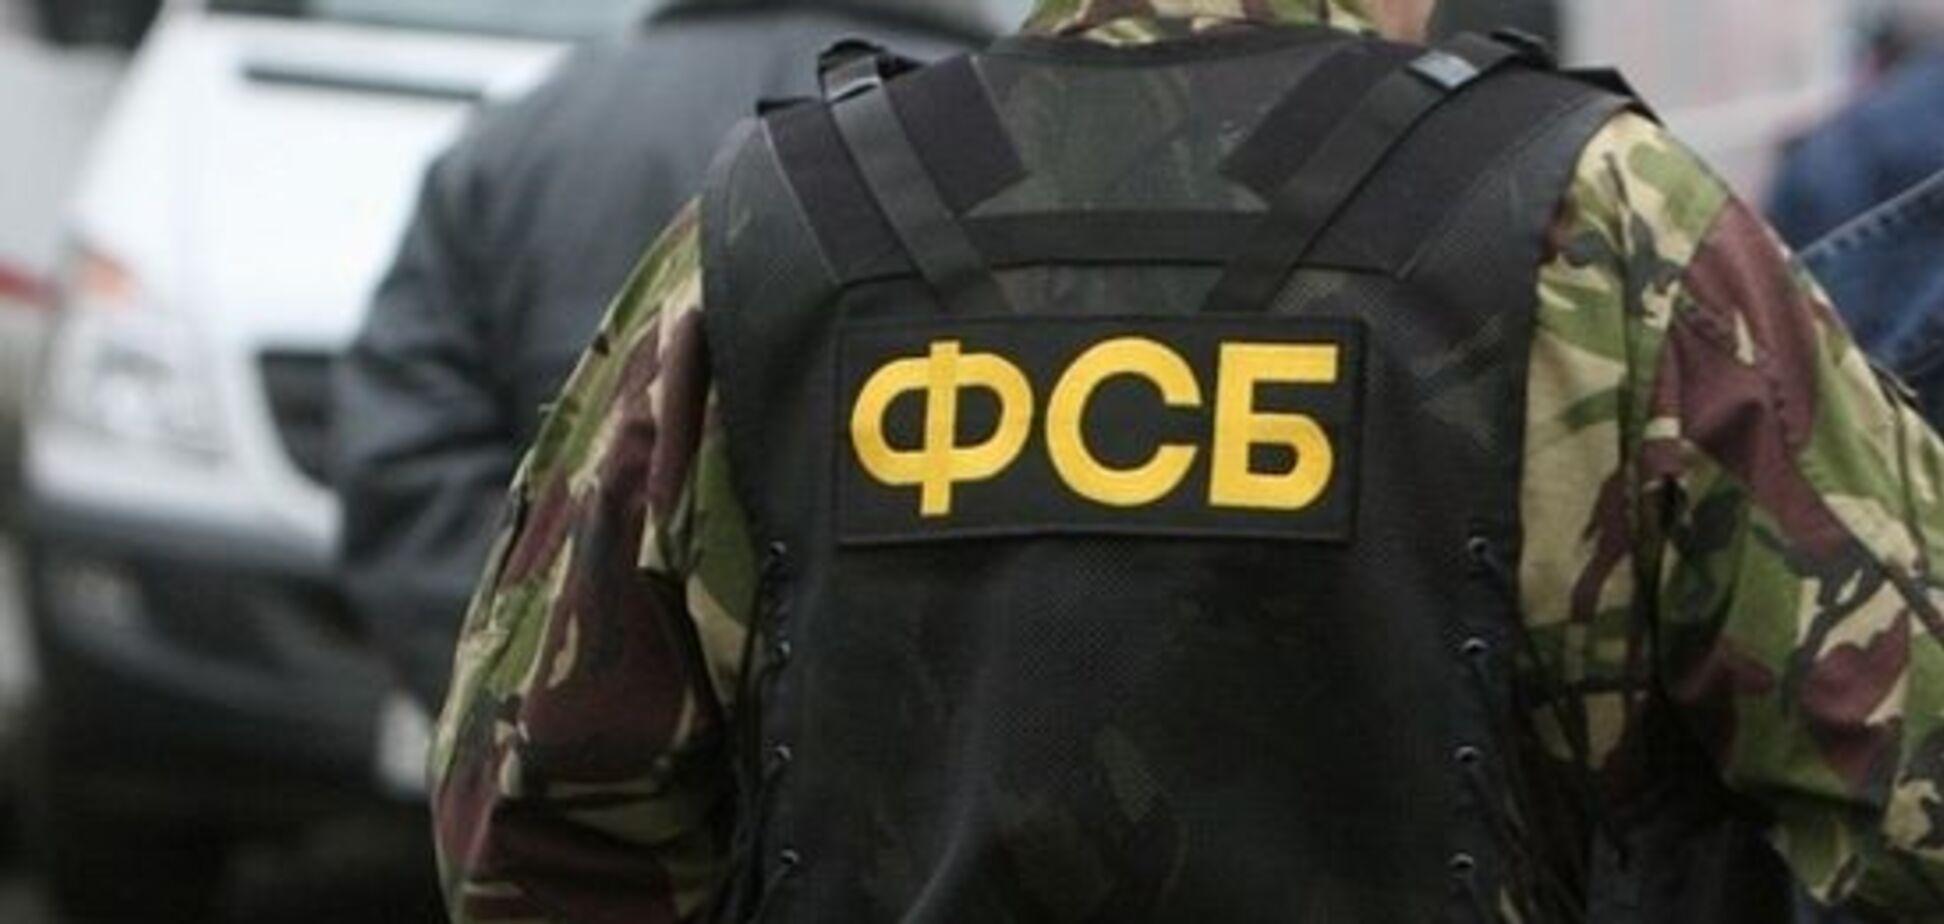 ФСБ заявила про затримання шістьох українців на кордоні з Росією